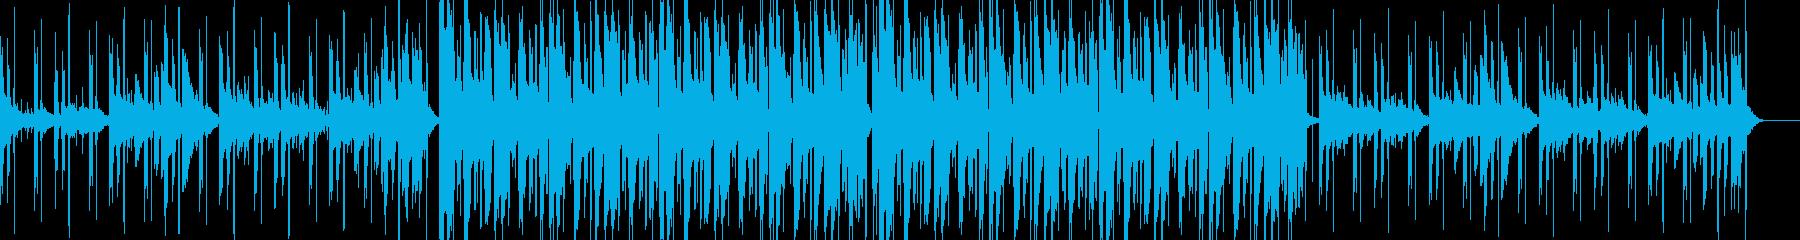 落ち着く感じのチルビートの再生済みの波形